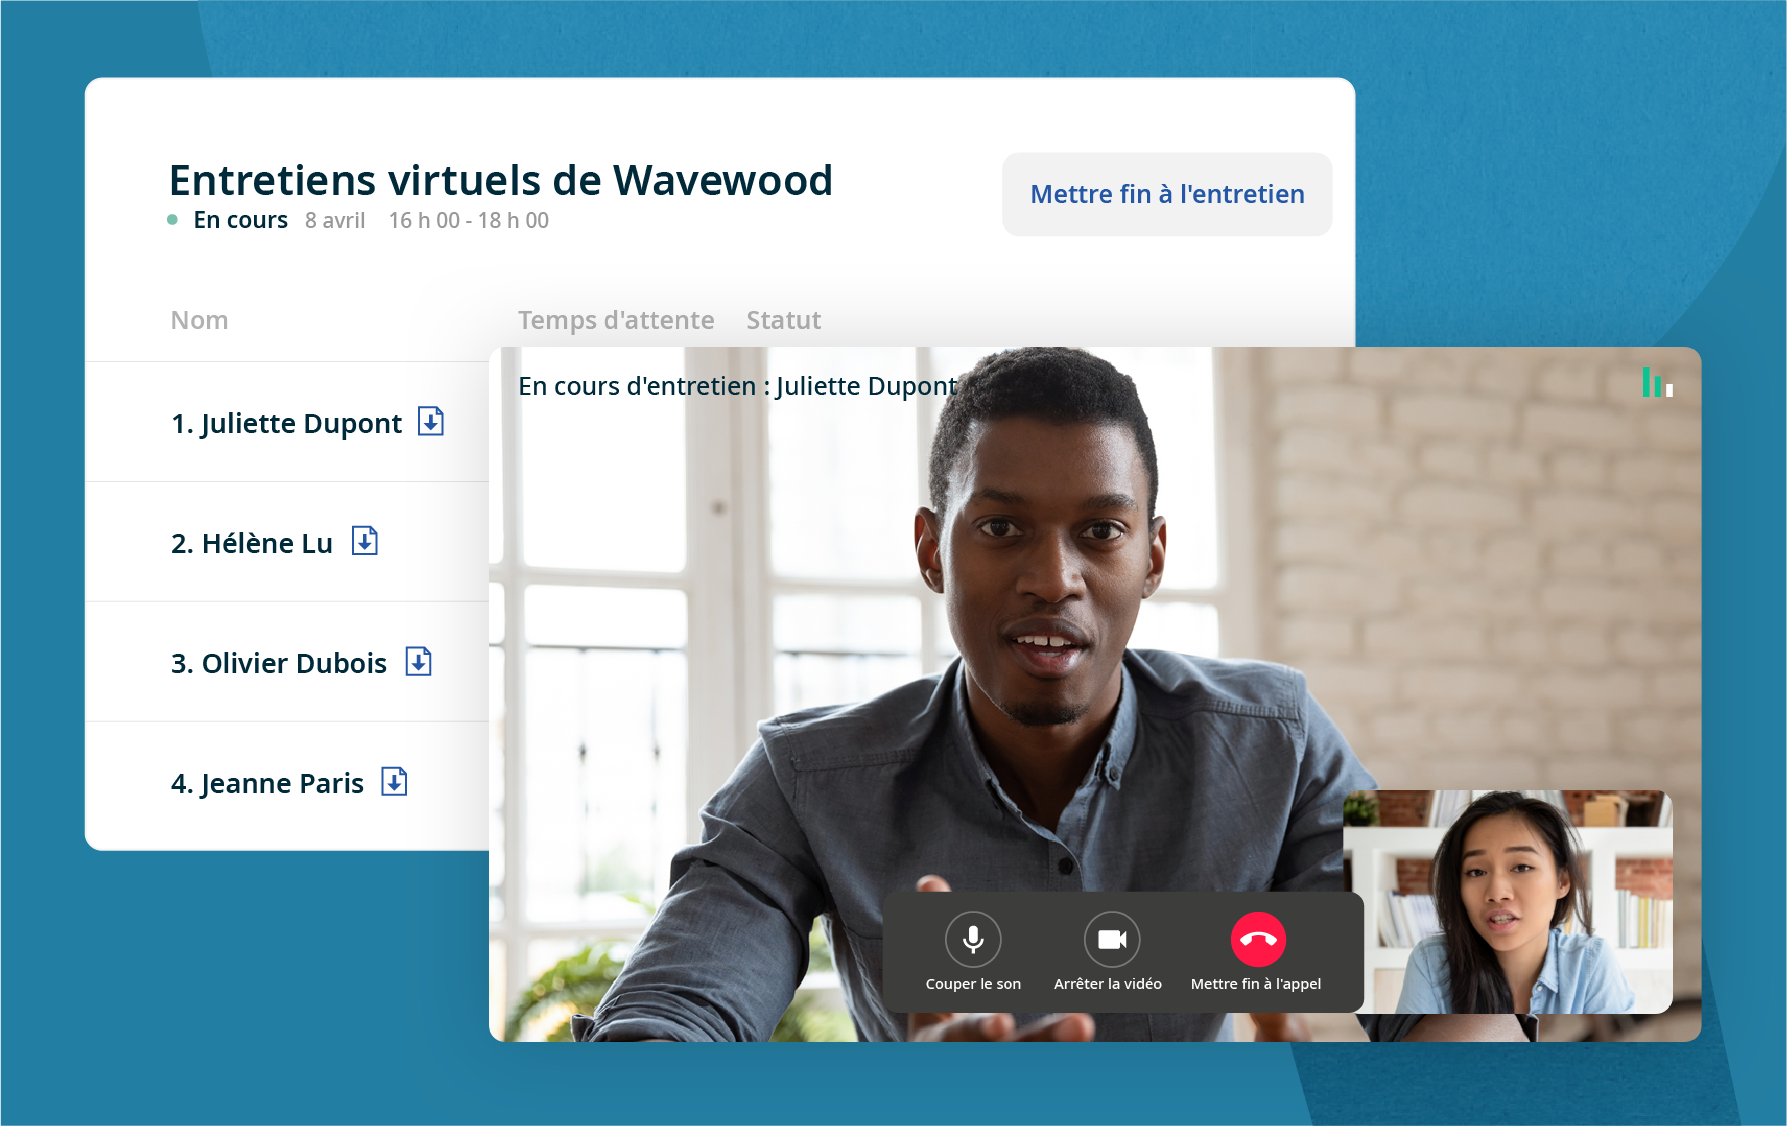 Le jour de l'entretien, les employeurs peuvent se connecter à Indeed Visio et passer en revue les CV des candidats avant l'entretien virtuel.